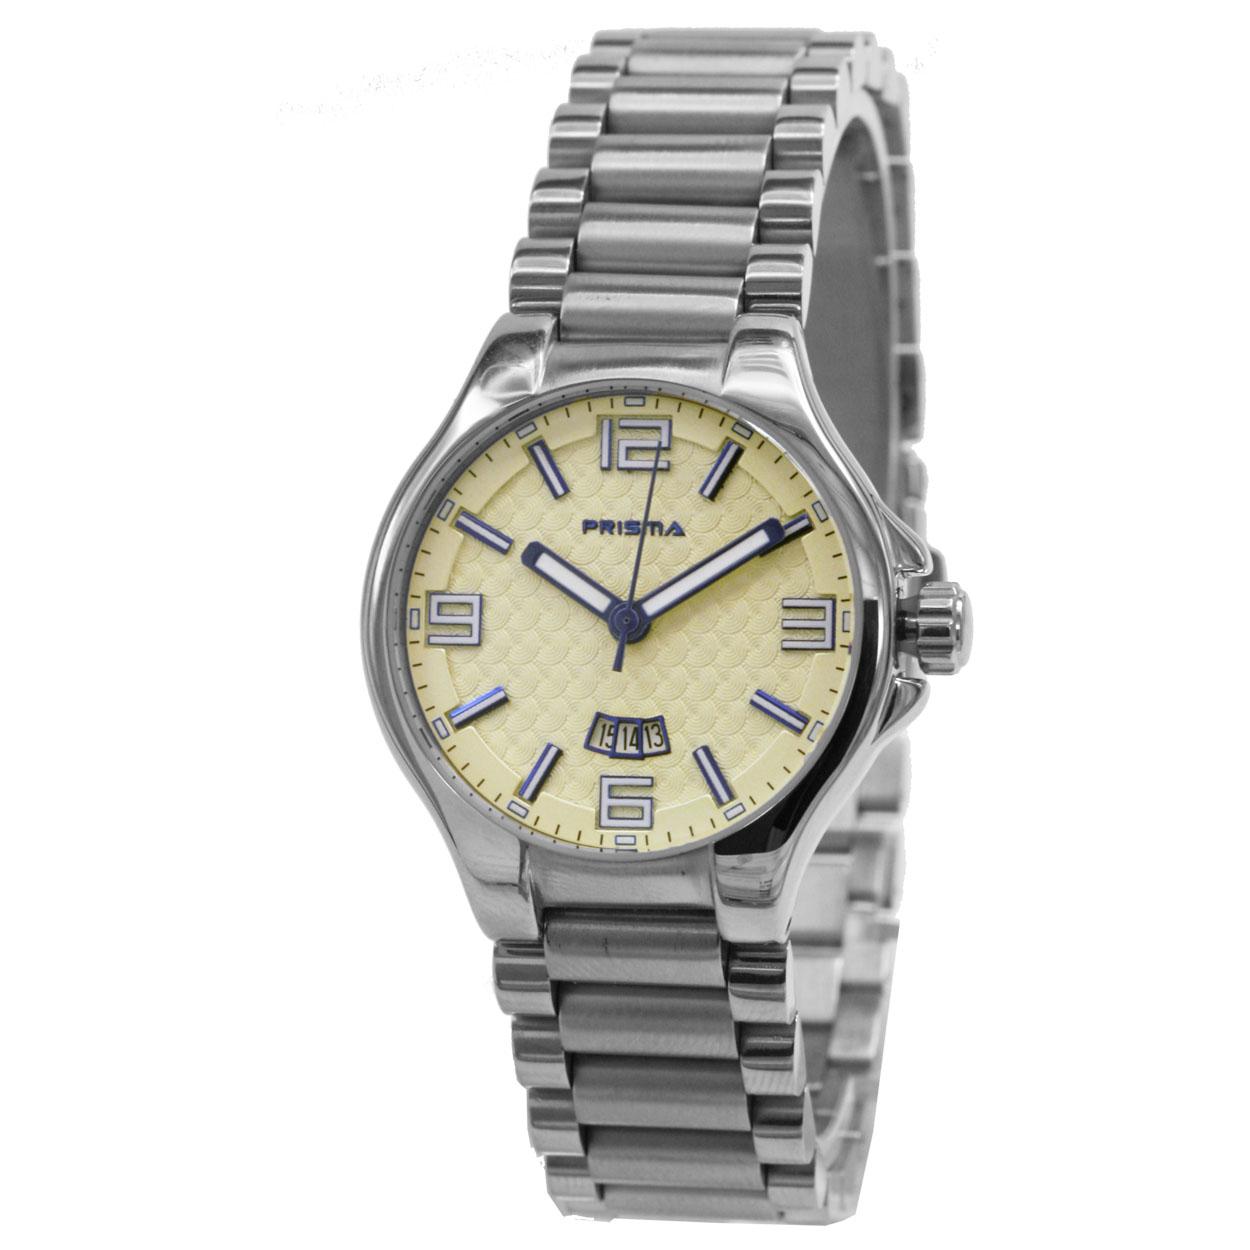 Prisma P.1066 Horloge Classic staal zilverkleurig 32 mm